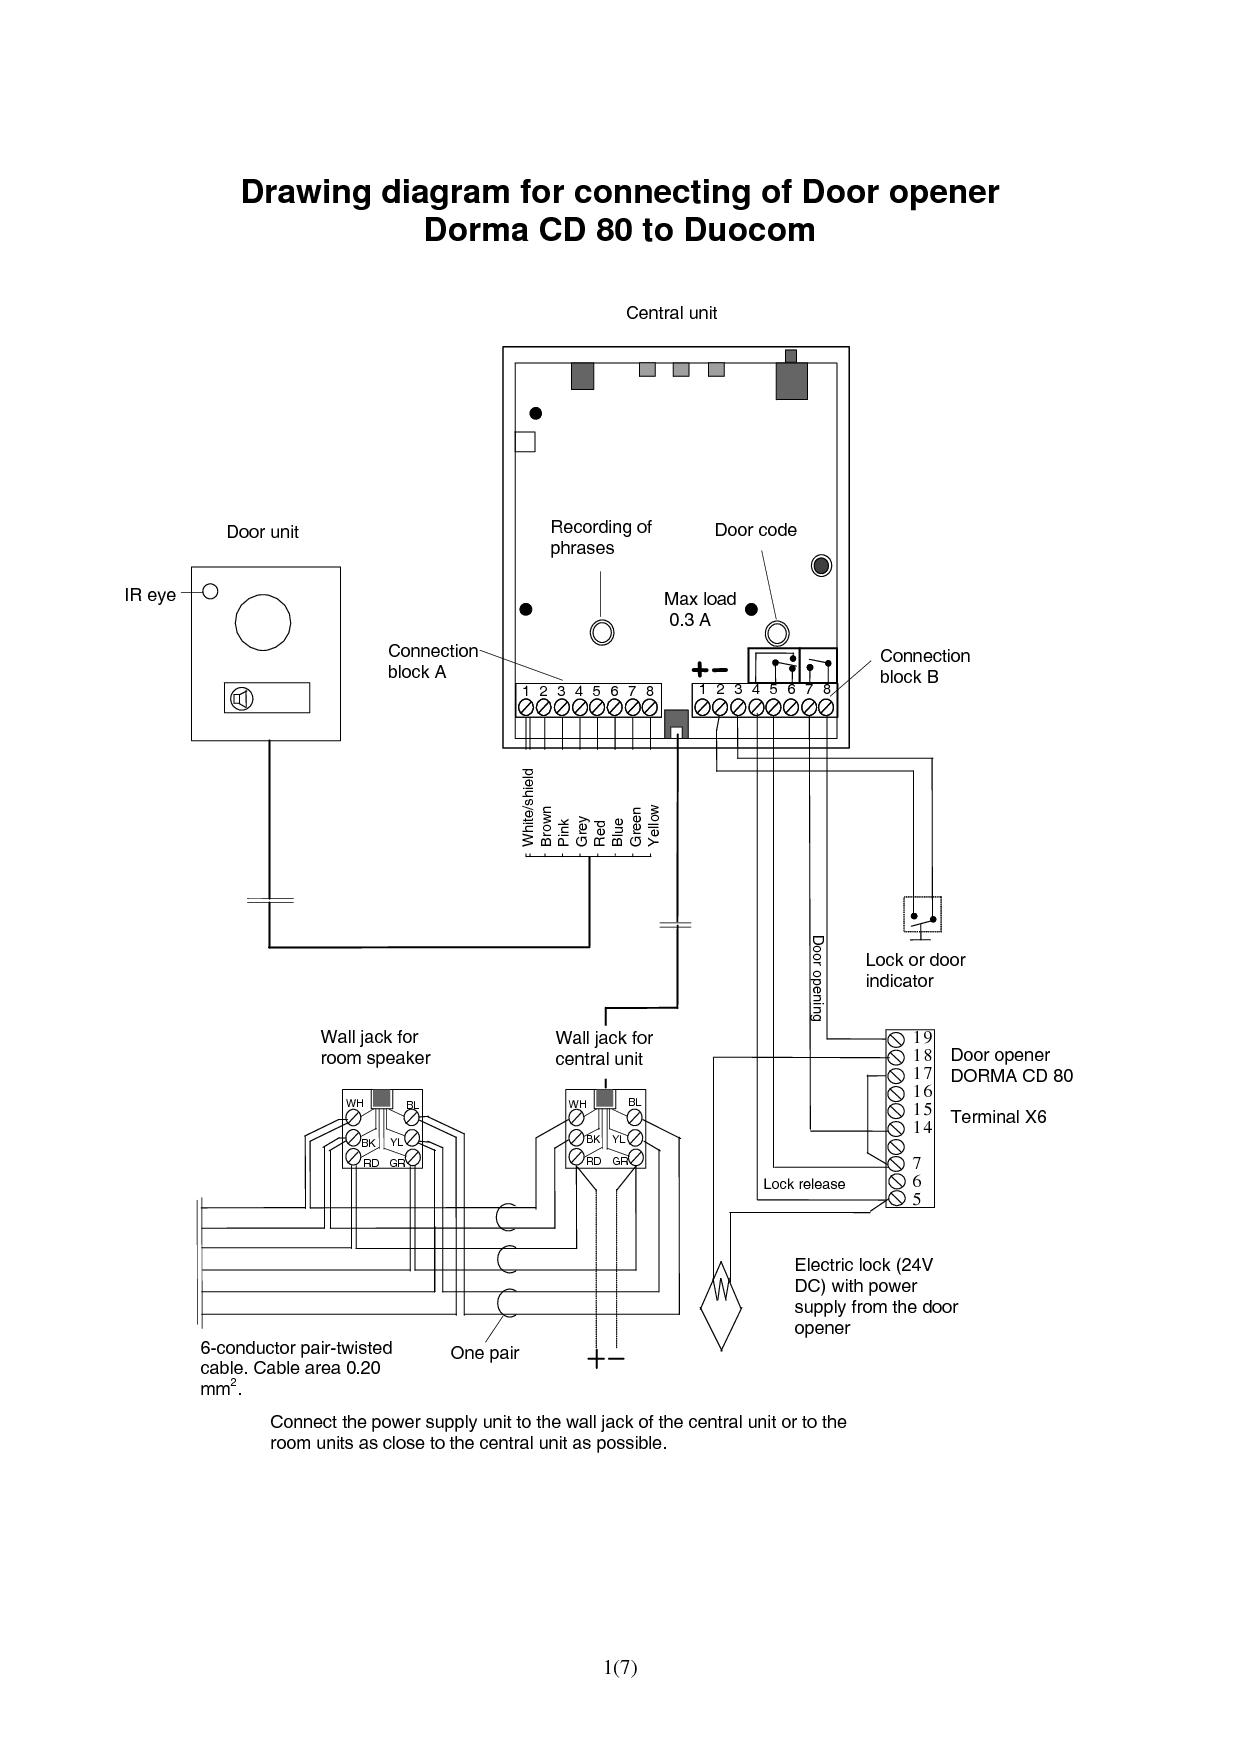 sears craftsman garage door opener wiring diagram Collection-How To Wire A Genie Garage Door Opener Diagram Wiring For Craftsman 14-j